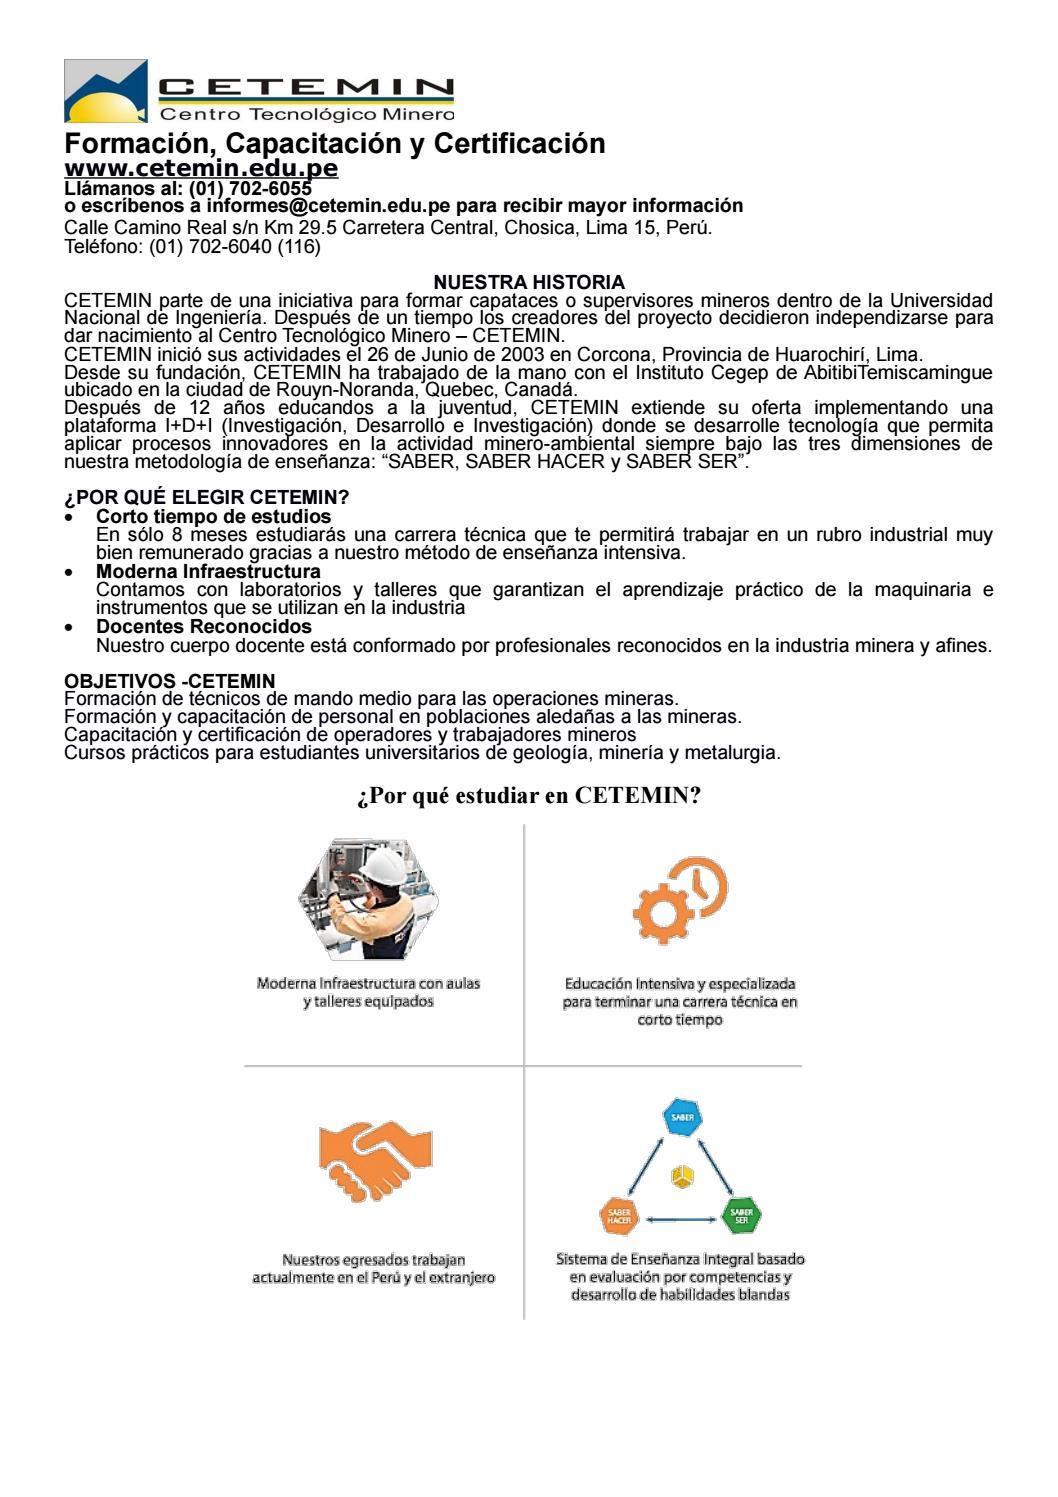 Cetemin medio ambiente y seguridad by Rosa Paniura - issuu